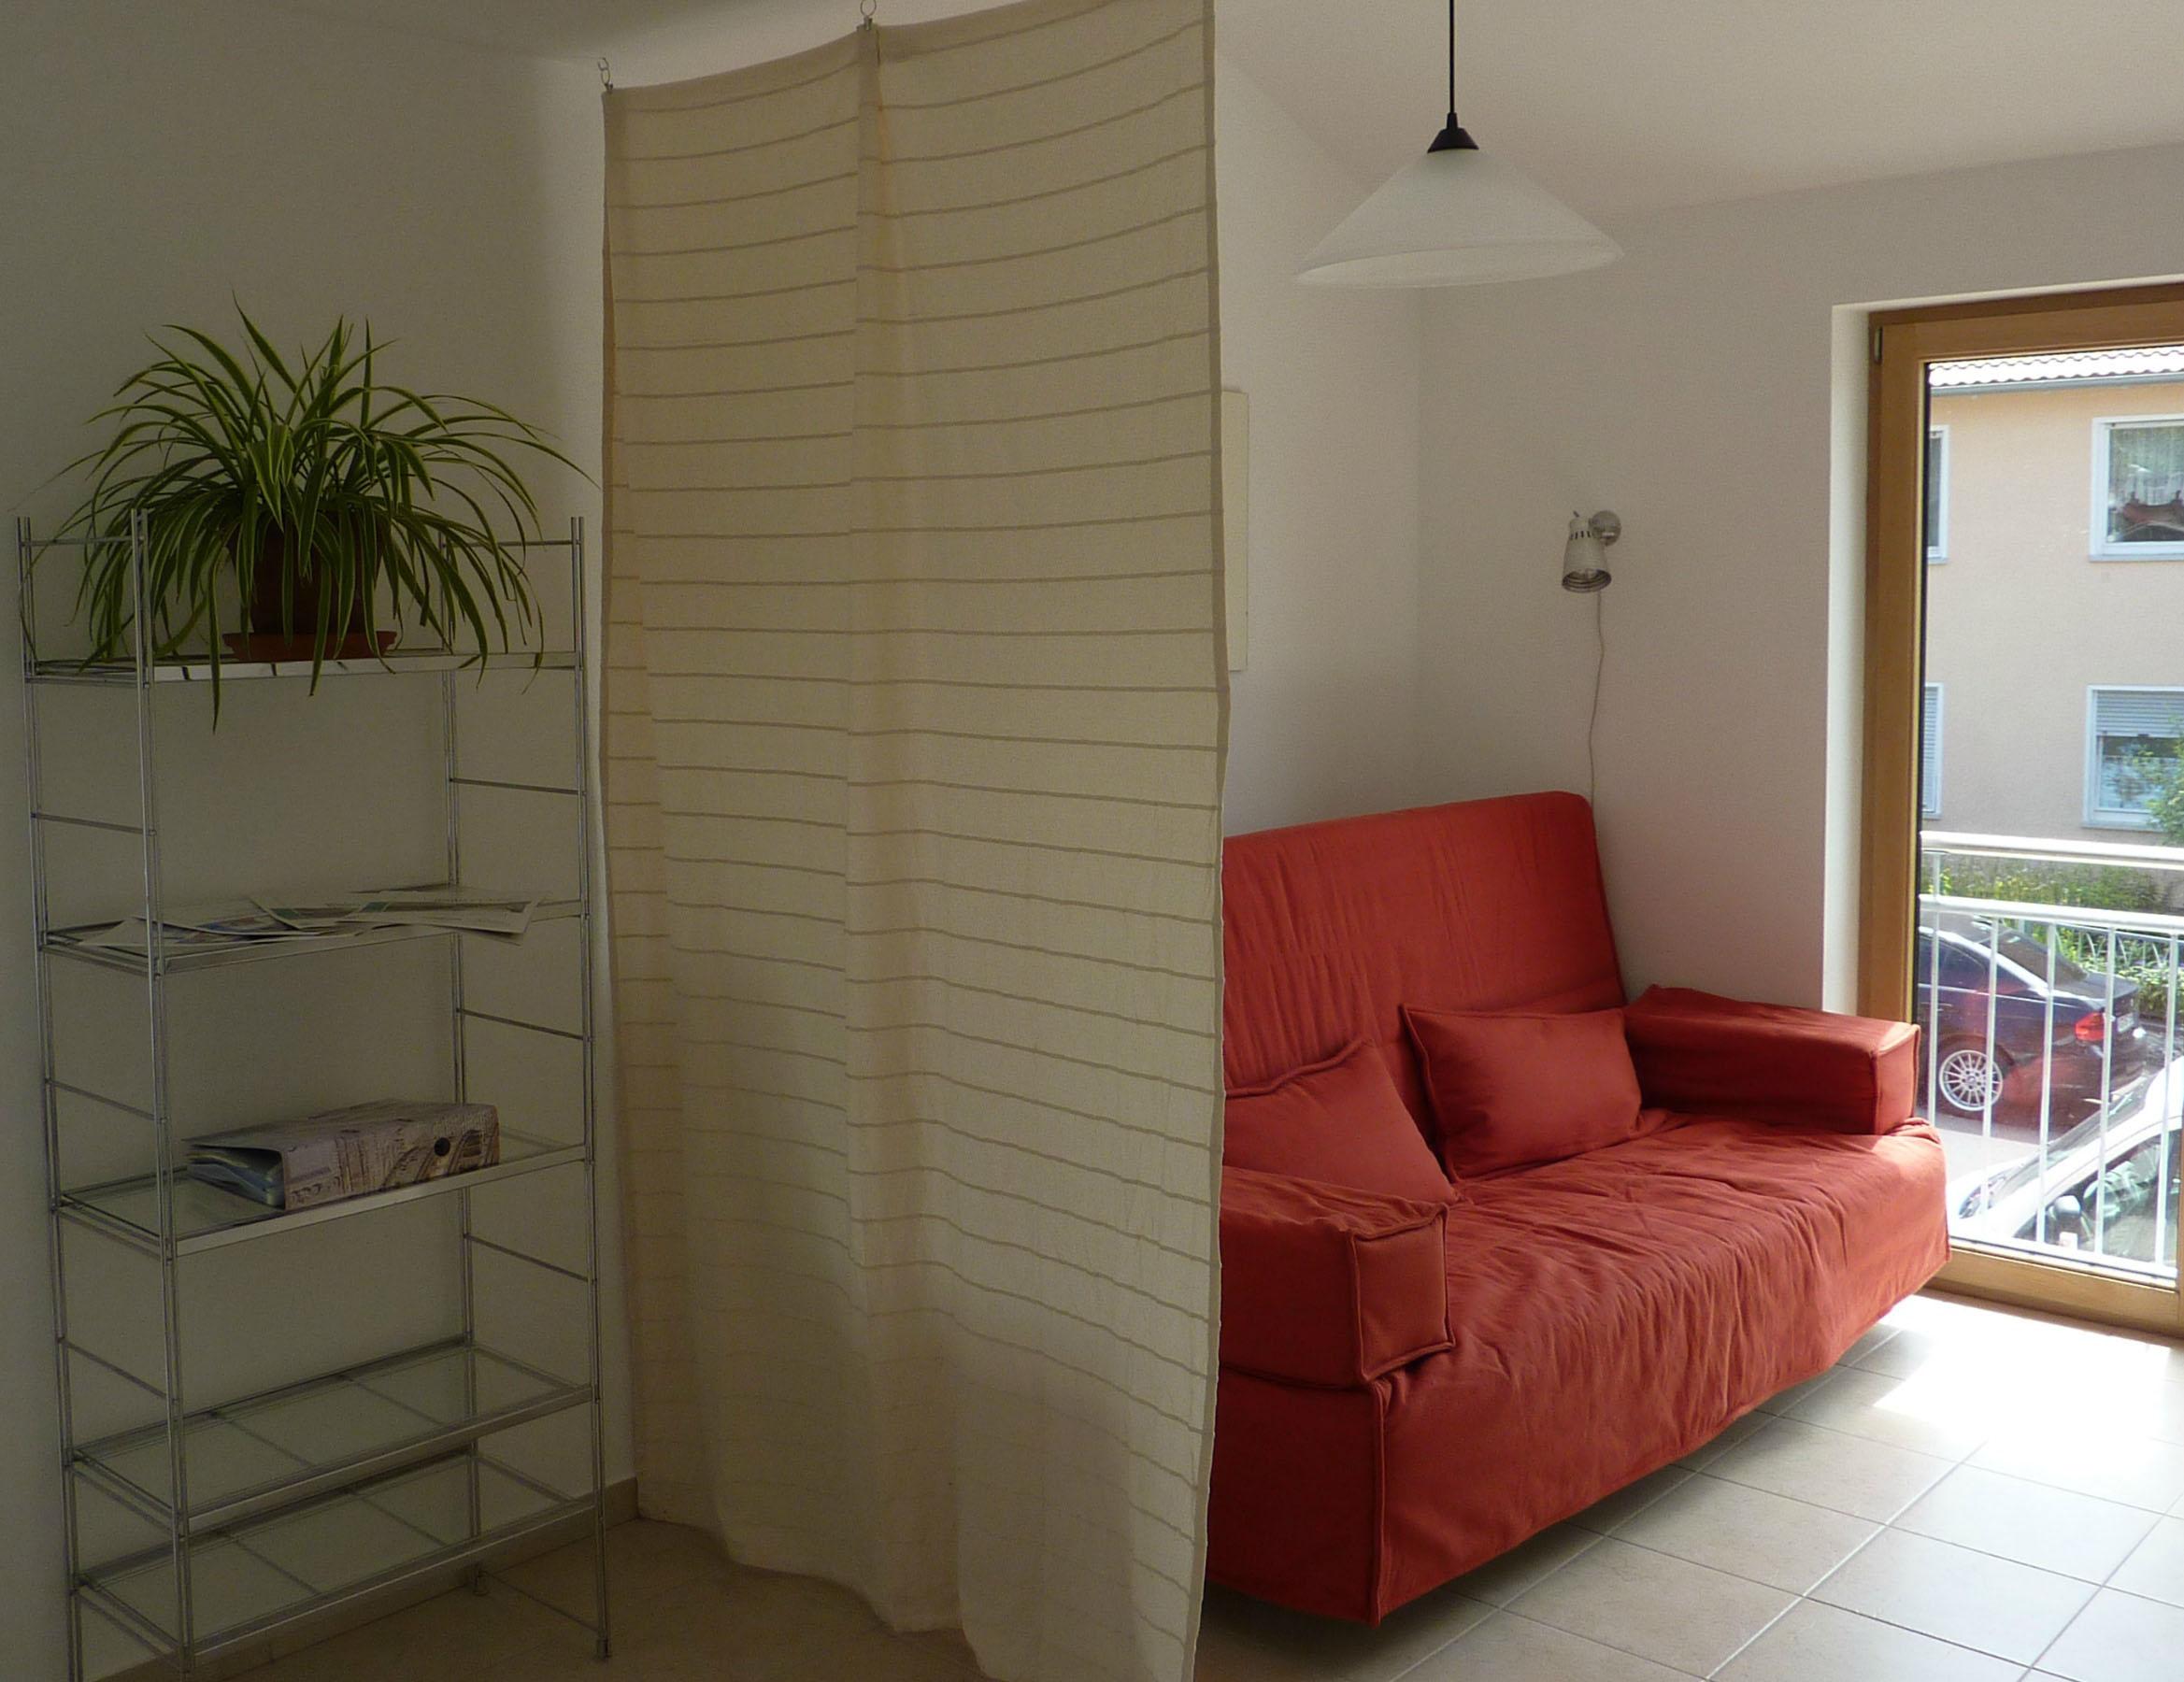 r umlichkeiten ferienwohnung barthel. Black Bedroom Furniture Sets. Home Design Ideas